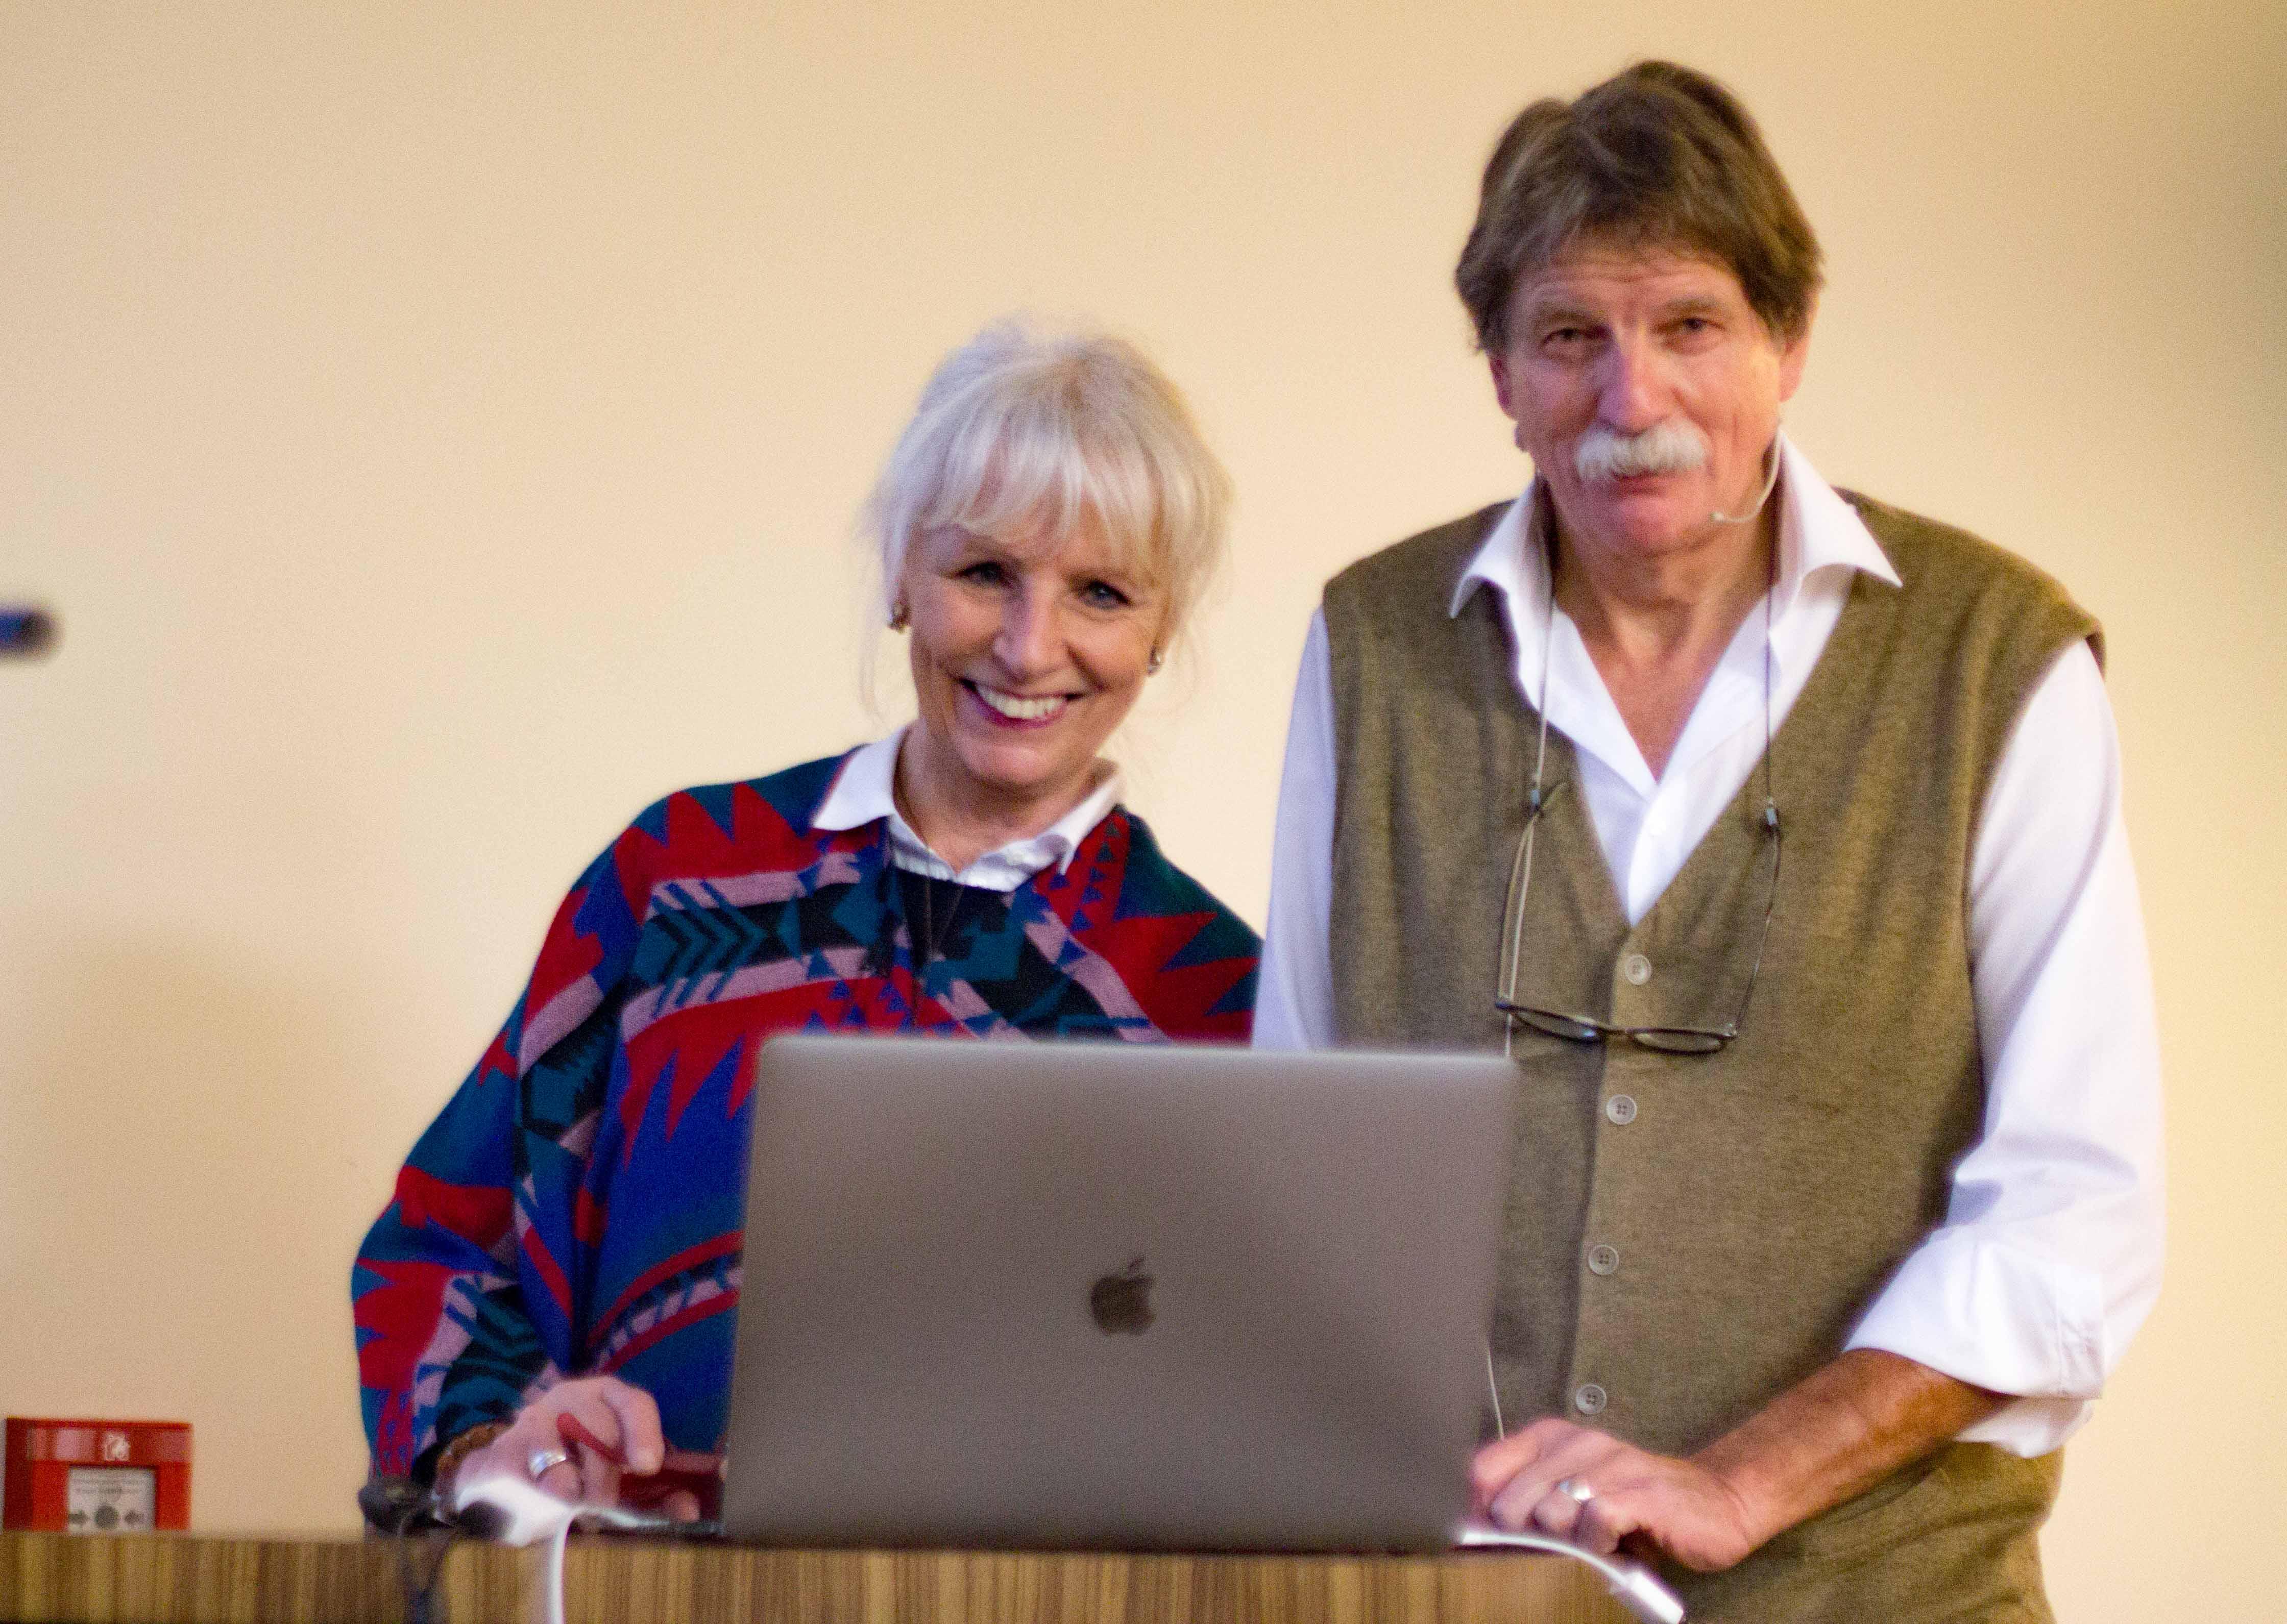 Ursula Haller und Reto Vannini bereiten sich auf ihren grossen Auftritt vor. – Bild: Elias Rüegsegger